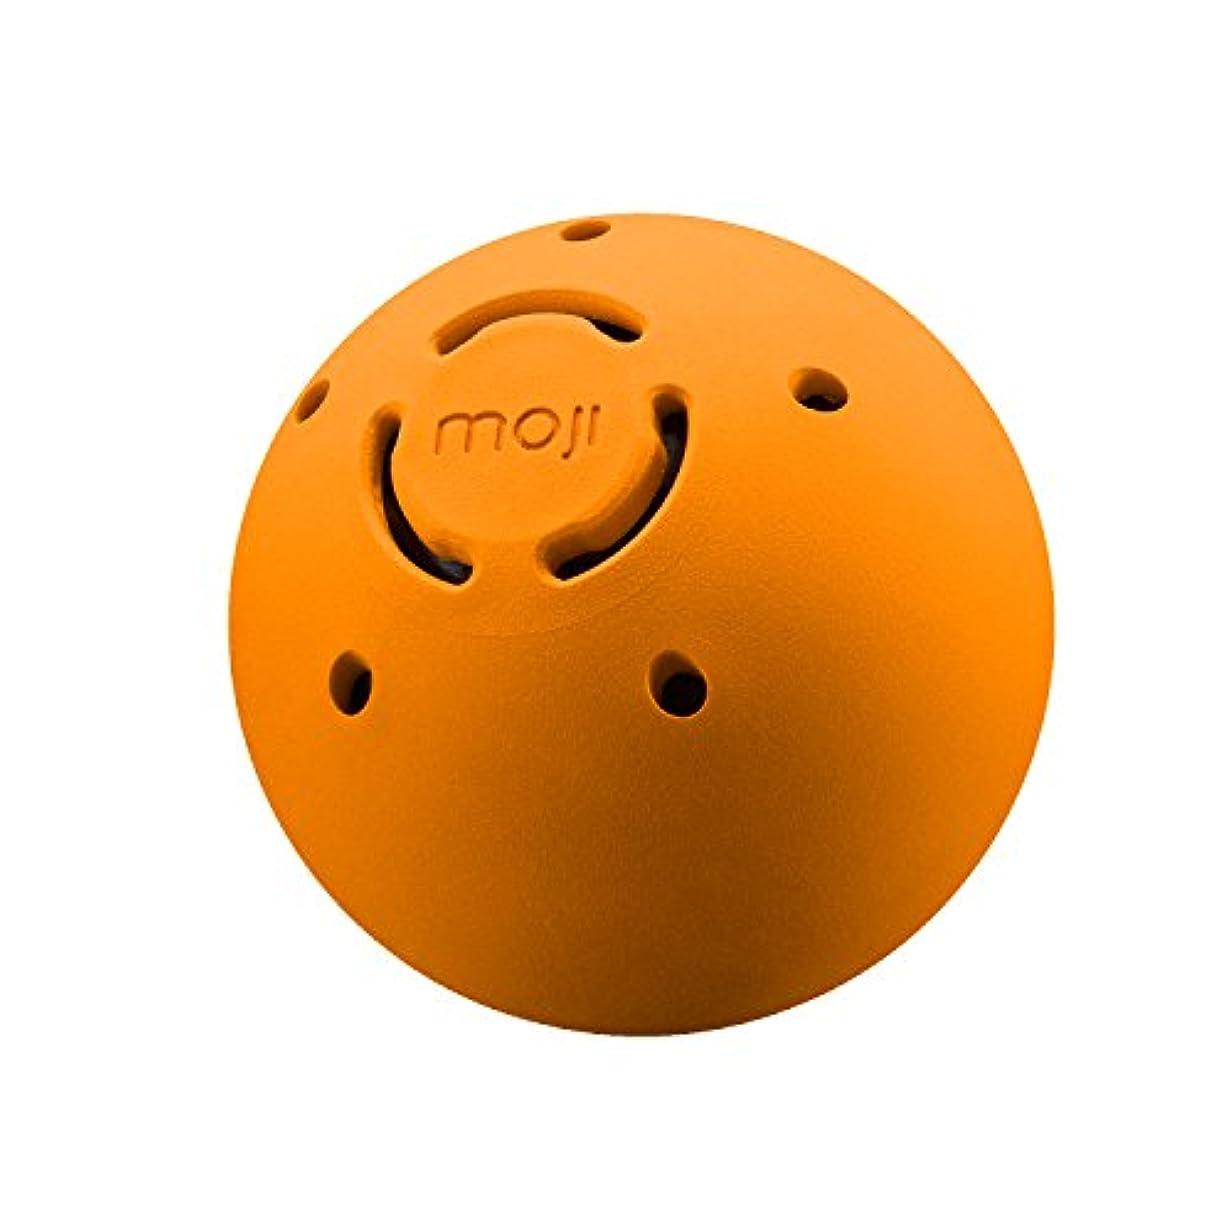 静かにグロー円形温熱 マッサージボール 筋肉の痛み 筋肉をほぐす 血流促進 MojiHeat Massage Ball (Large)